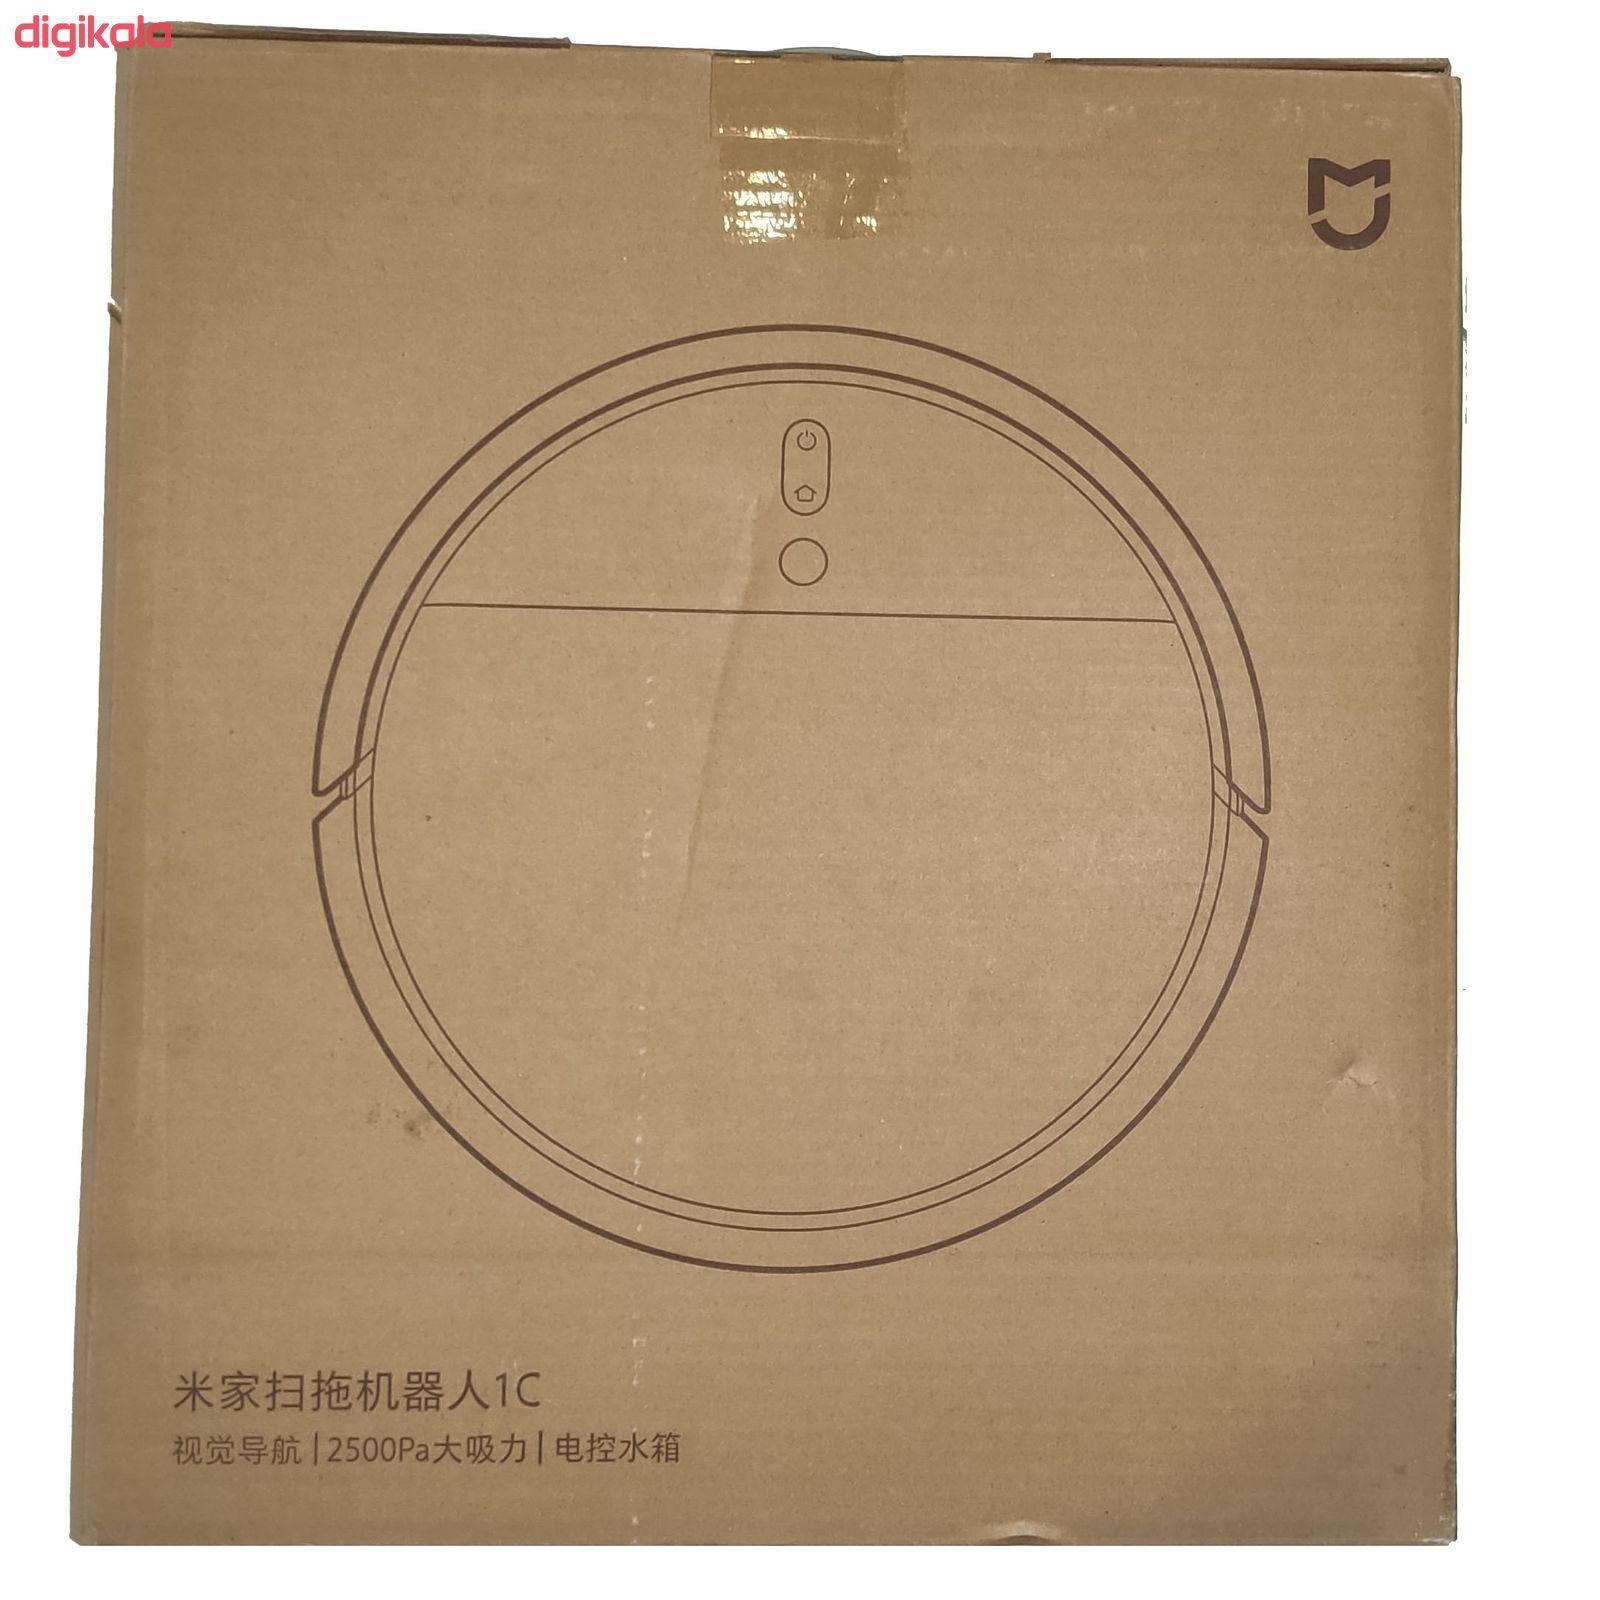 جارو شارژی هوشمند میجیا مدل 1C main 1 14